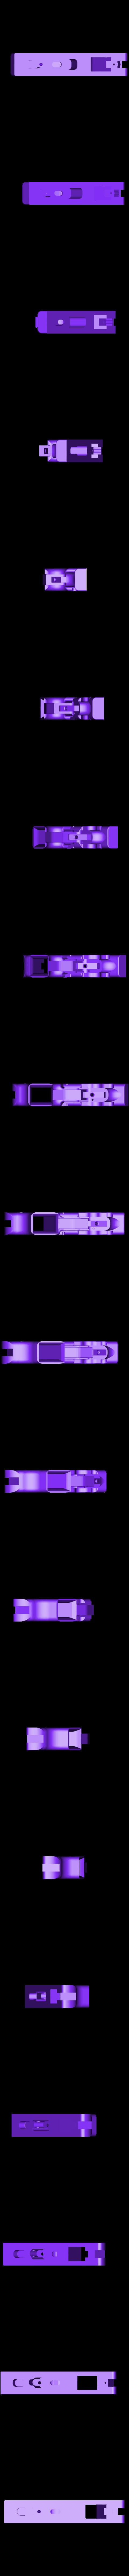 AP9_Gluty.stl Download free STL file Shuty AP-9-9mm v1.3, 2020 • 3D printable design, idy26